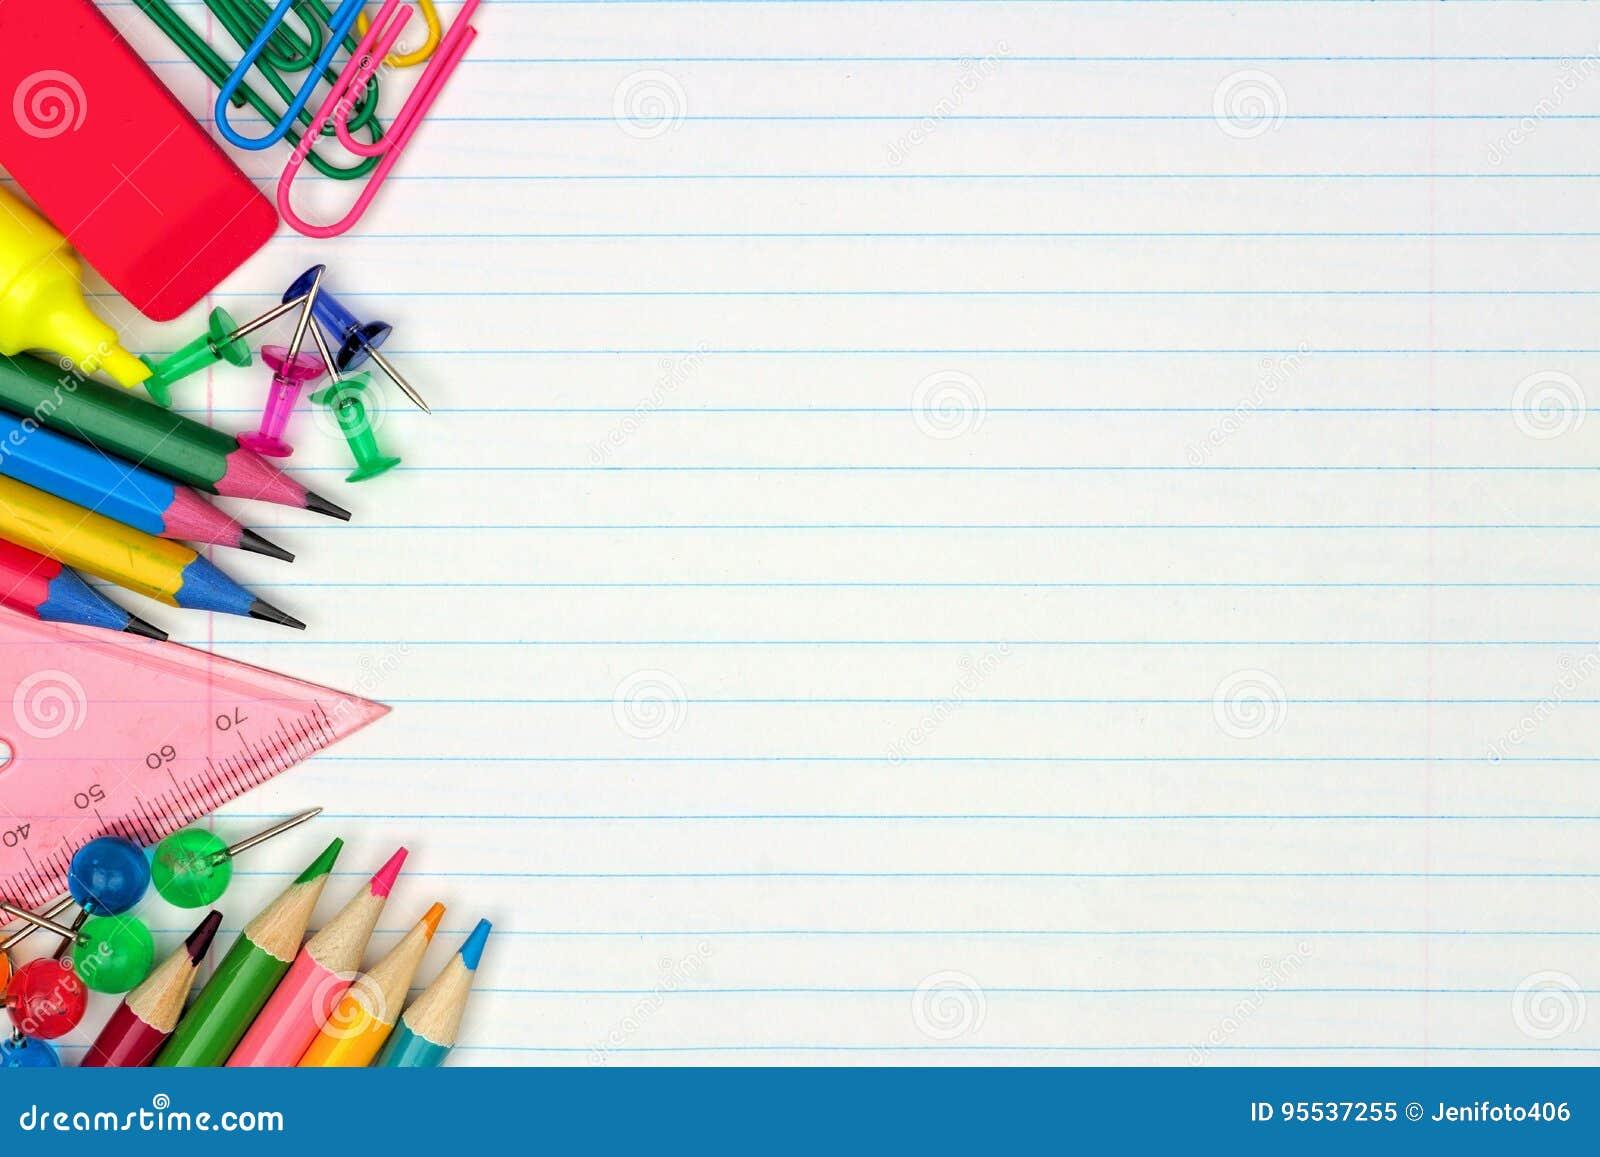 Il lato delle offerte di scuola rasenta il fondo di carta allineato